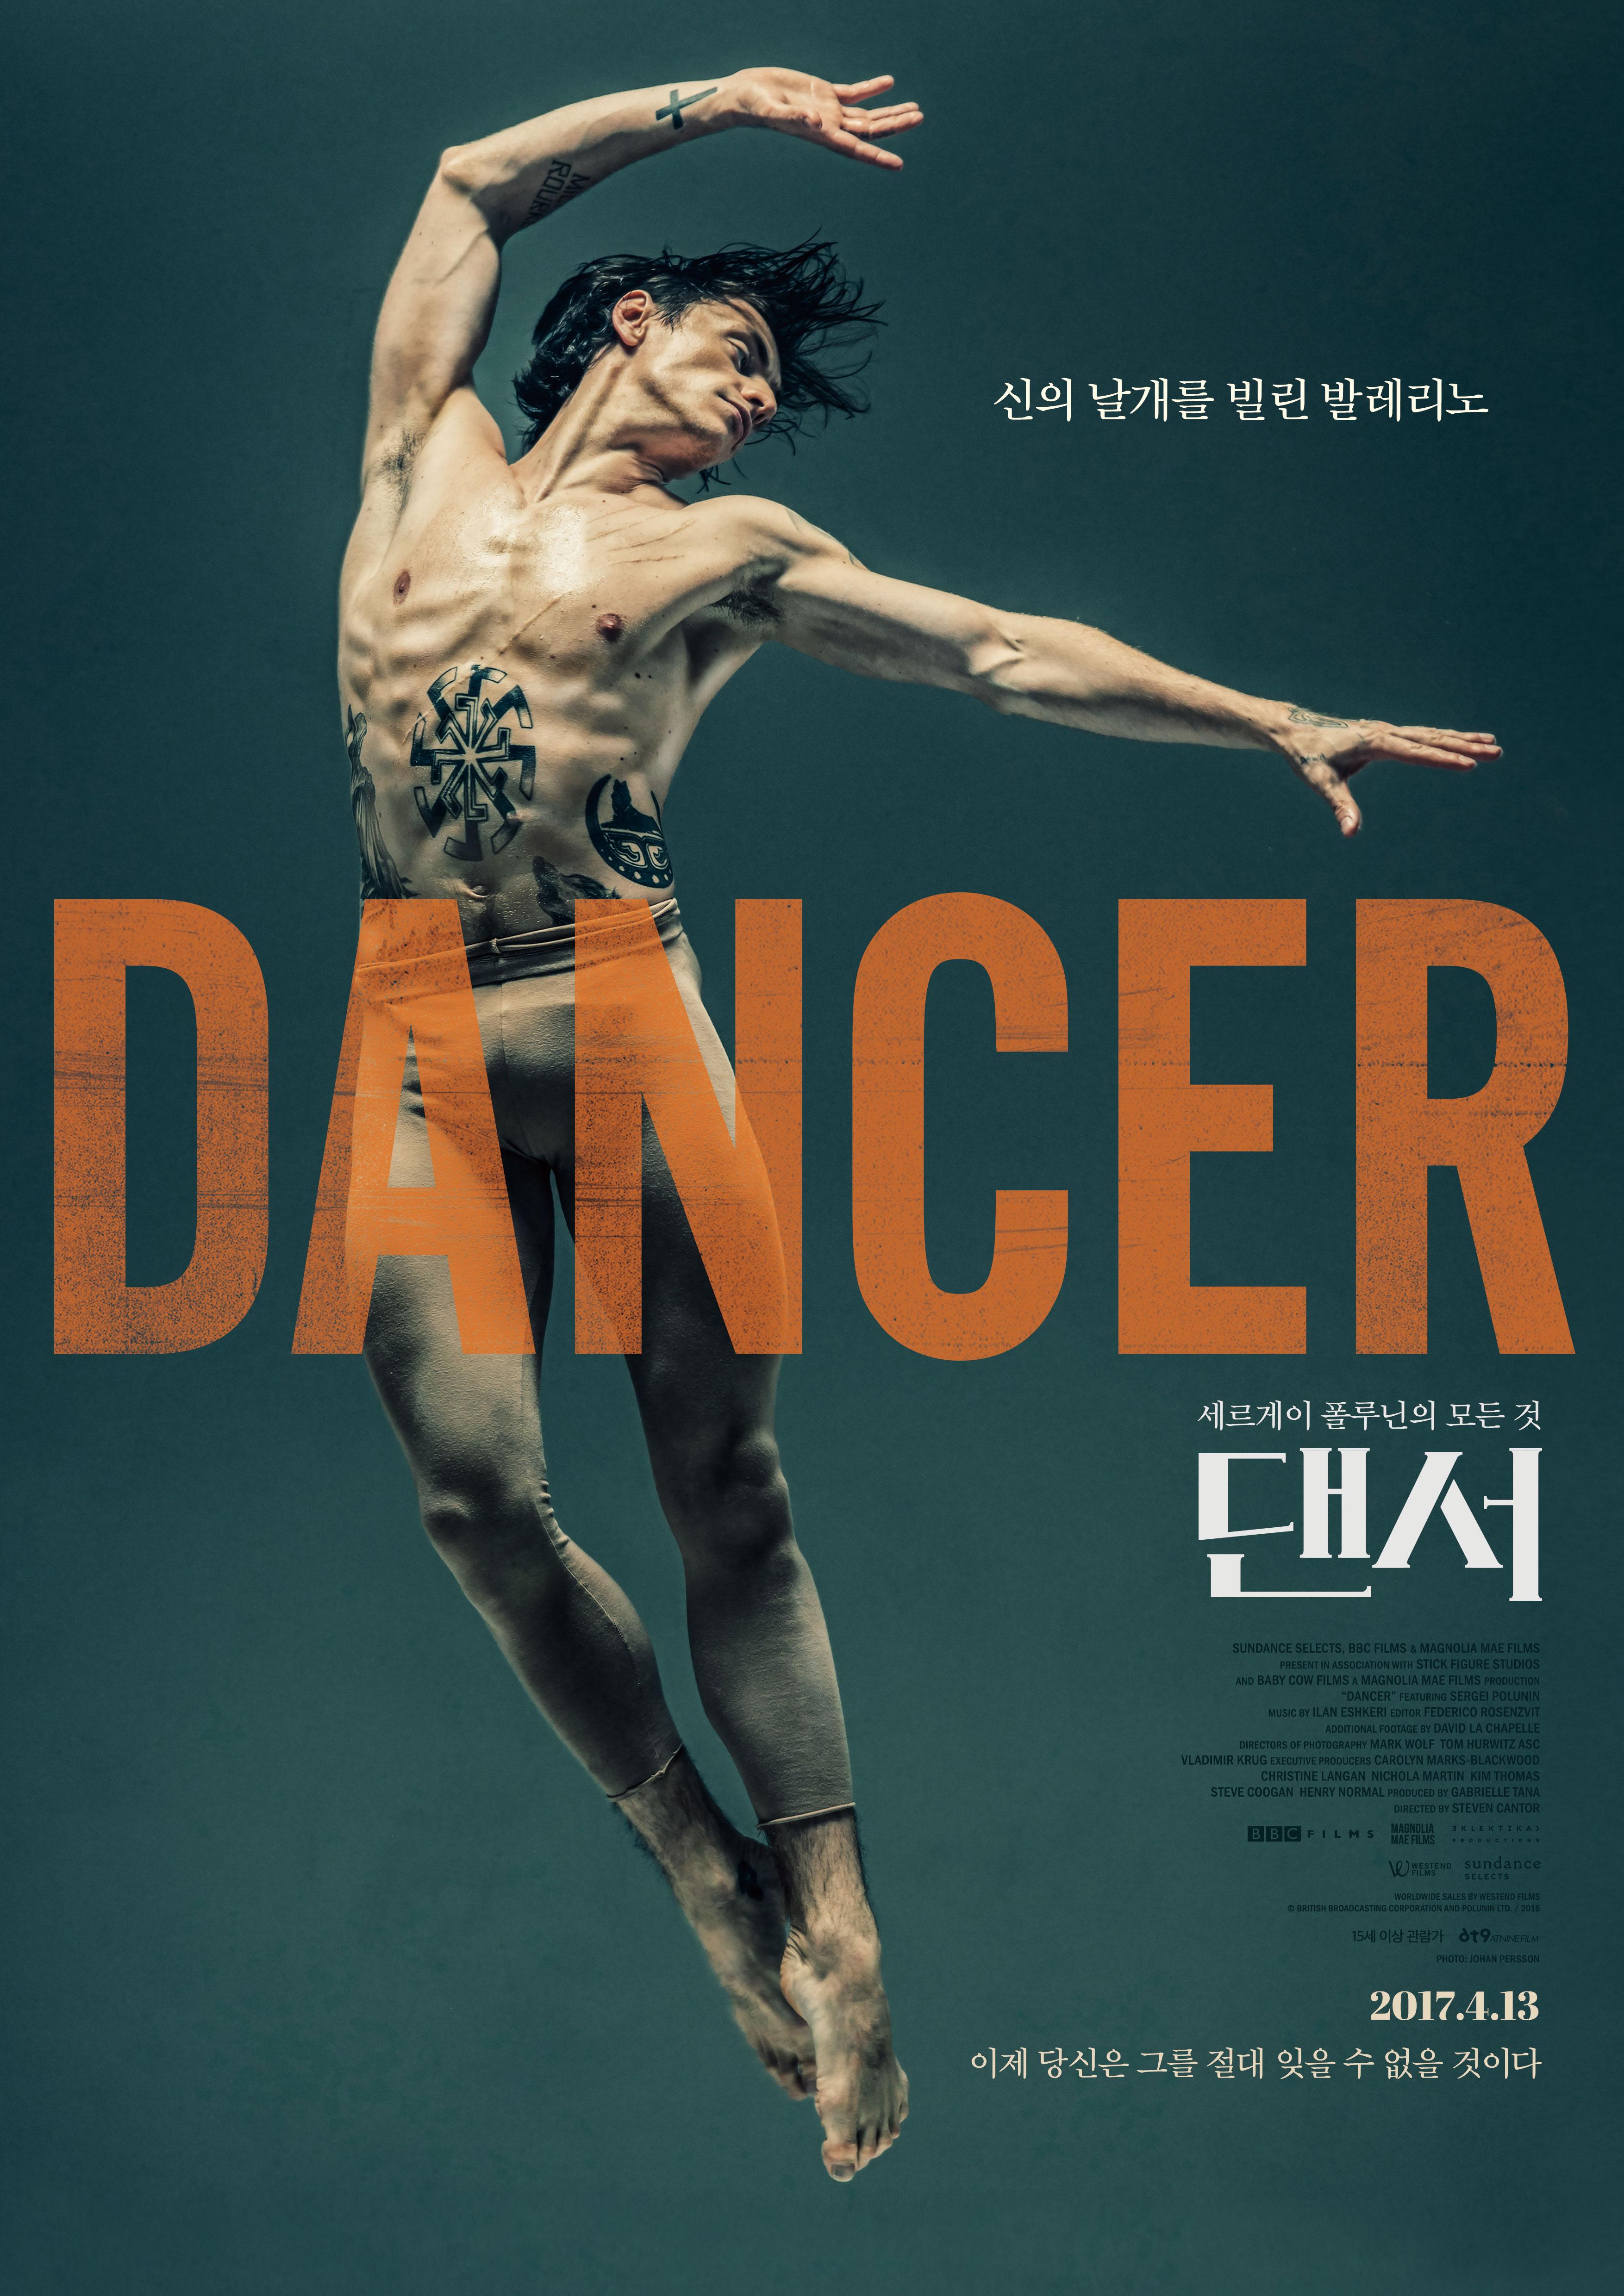 [댄서]-그 춤을 스크린에서 보는 것만으로도 가치..